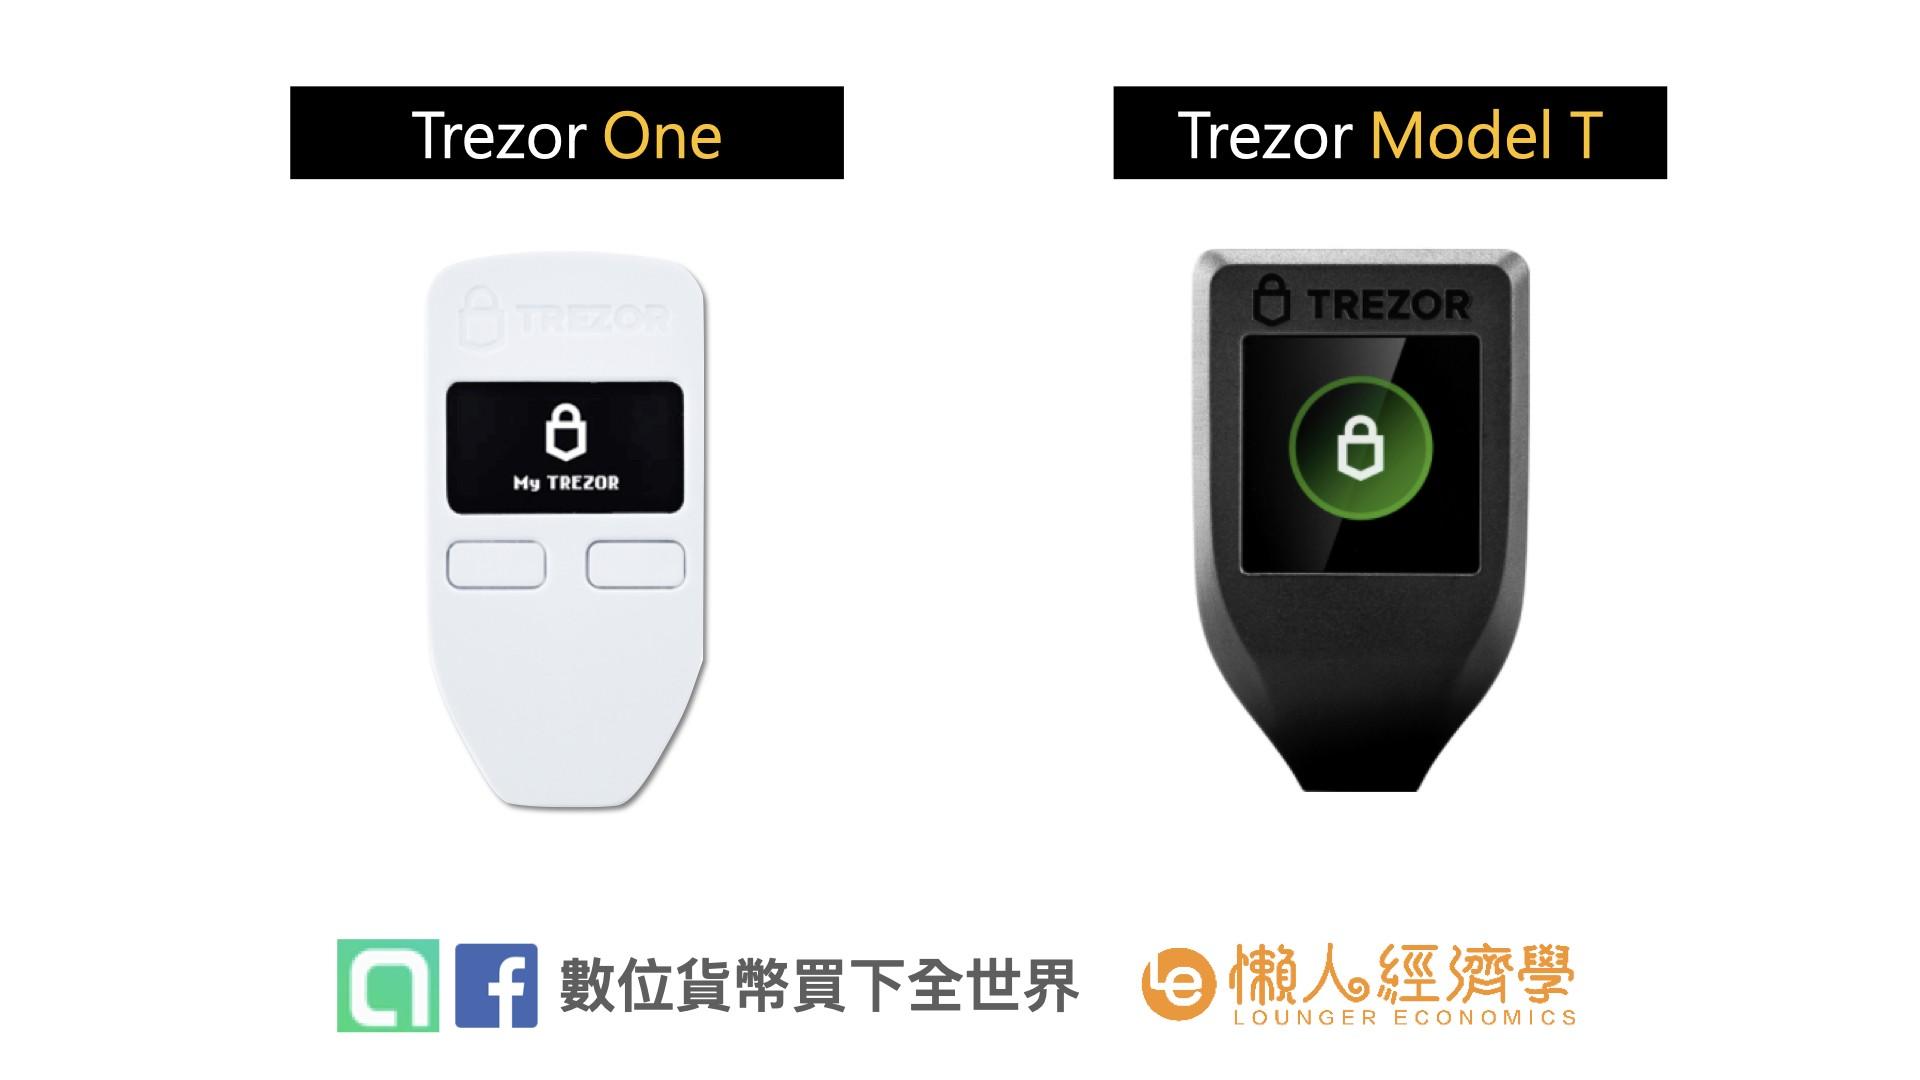 Trezor的產品比較:Trezor One 與 Trezor Model T 產品圖